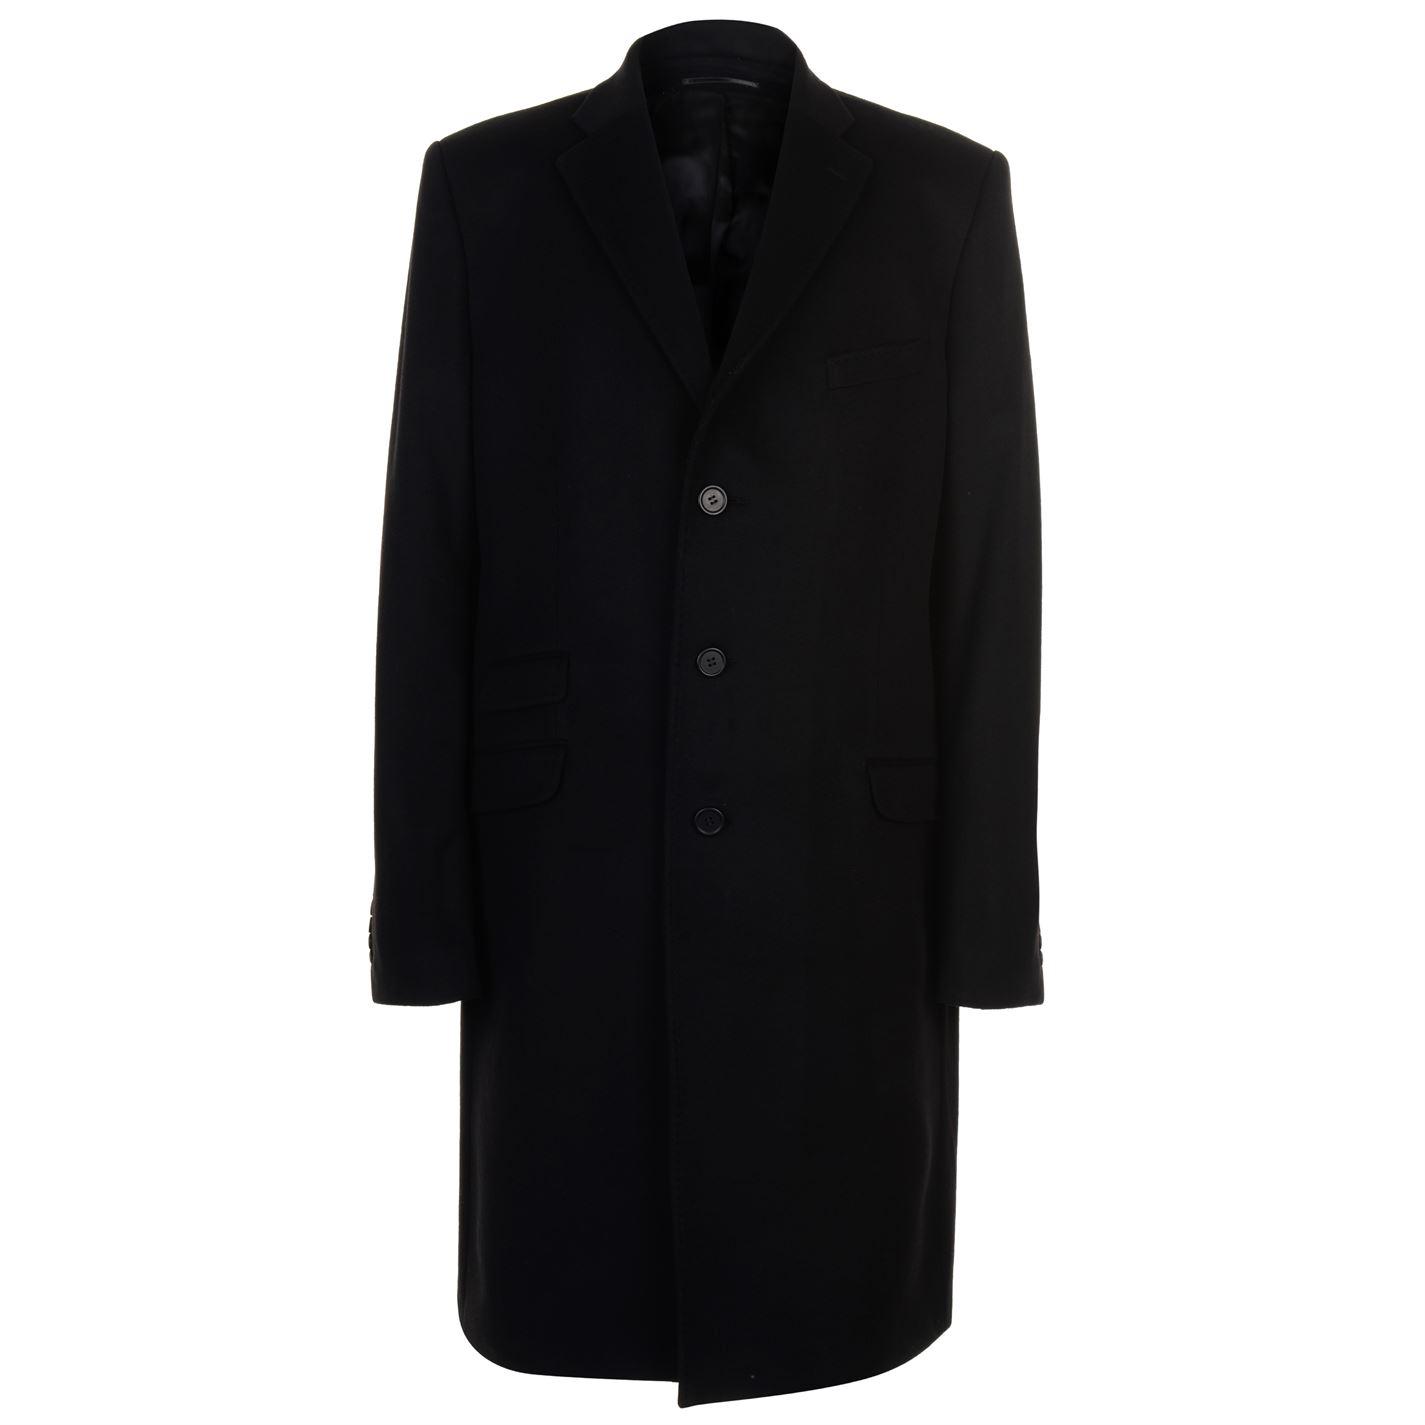 Jonathon Charles pánsky kabát Sn82